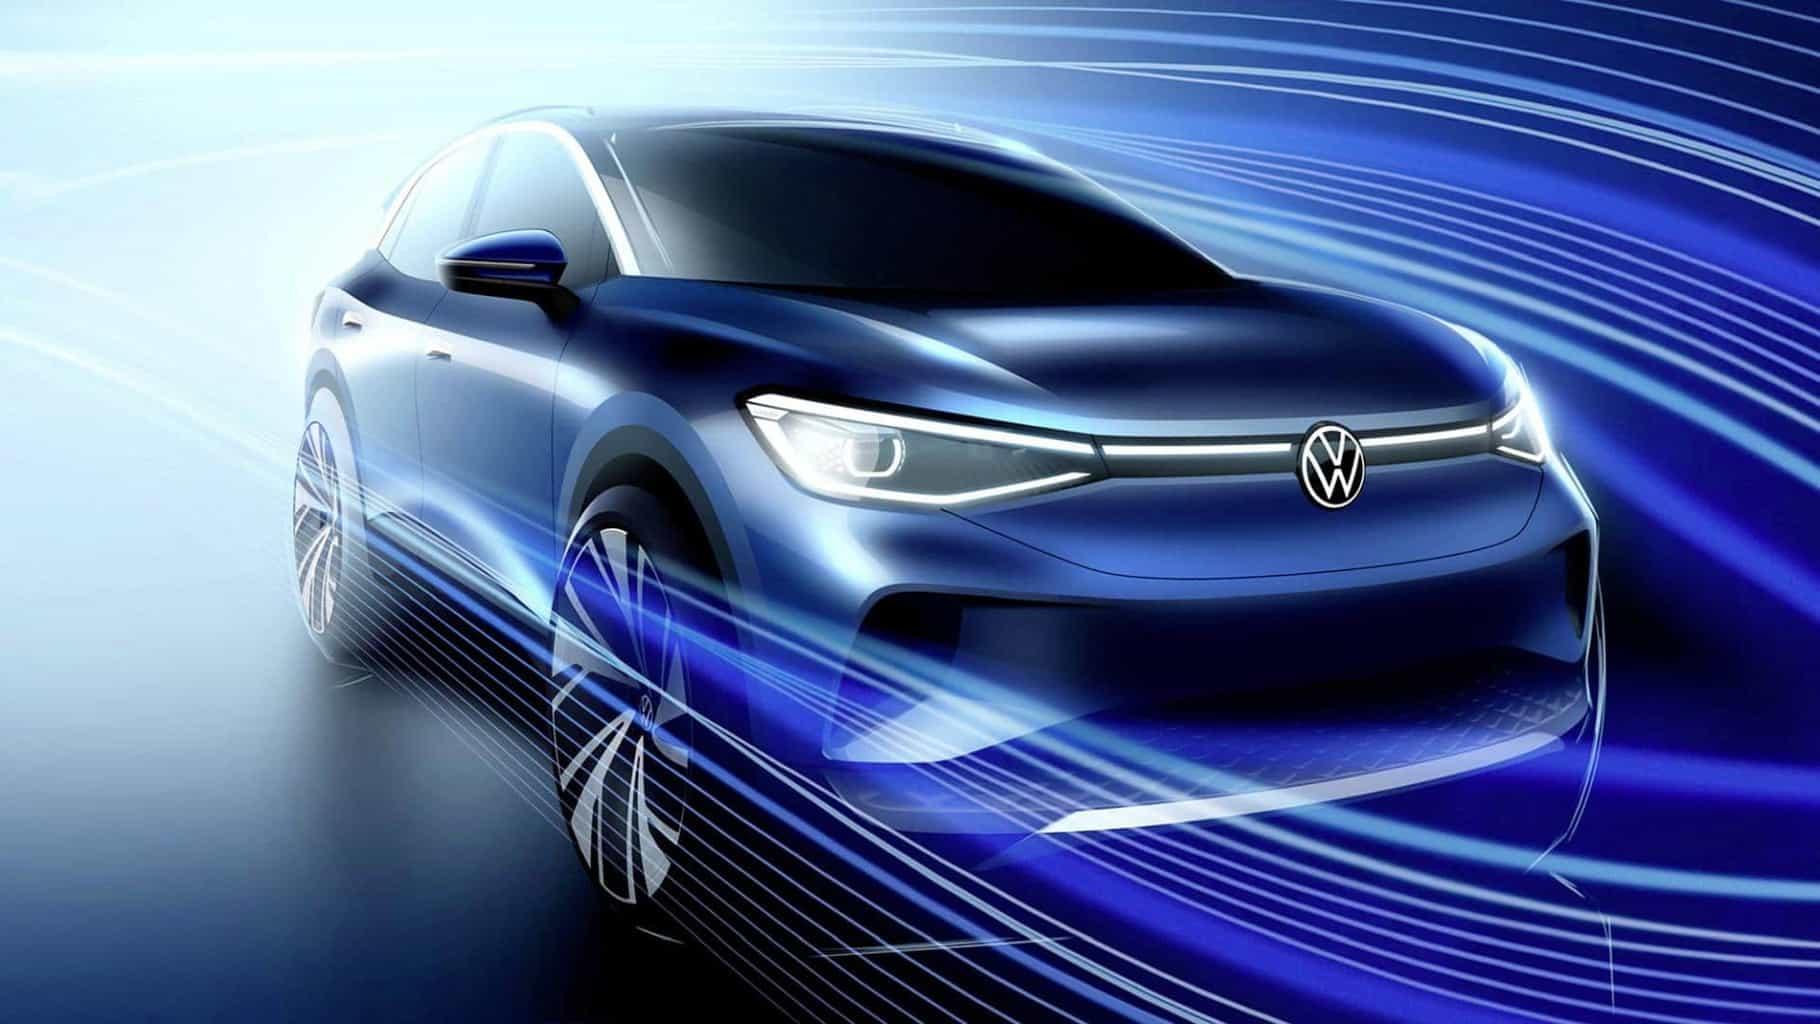 """VW-Designchef: """"Das Design des ID.4 spart den Kunden bares Geld"""""""